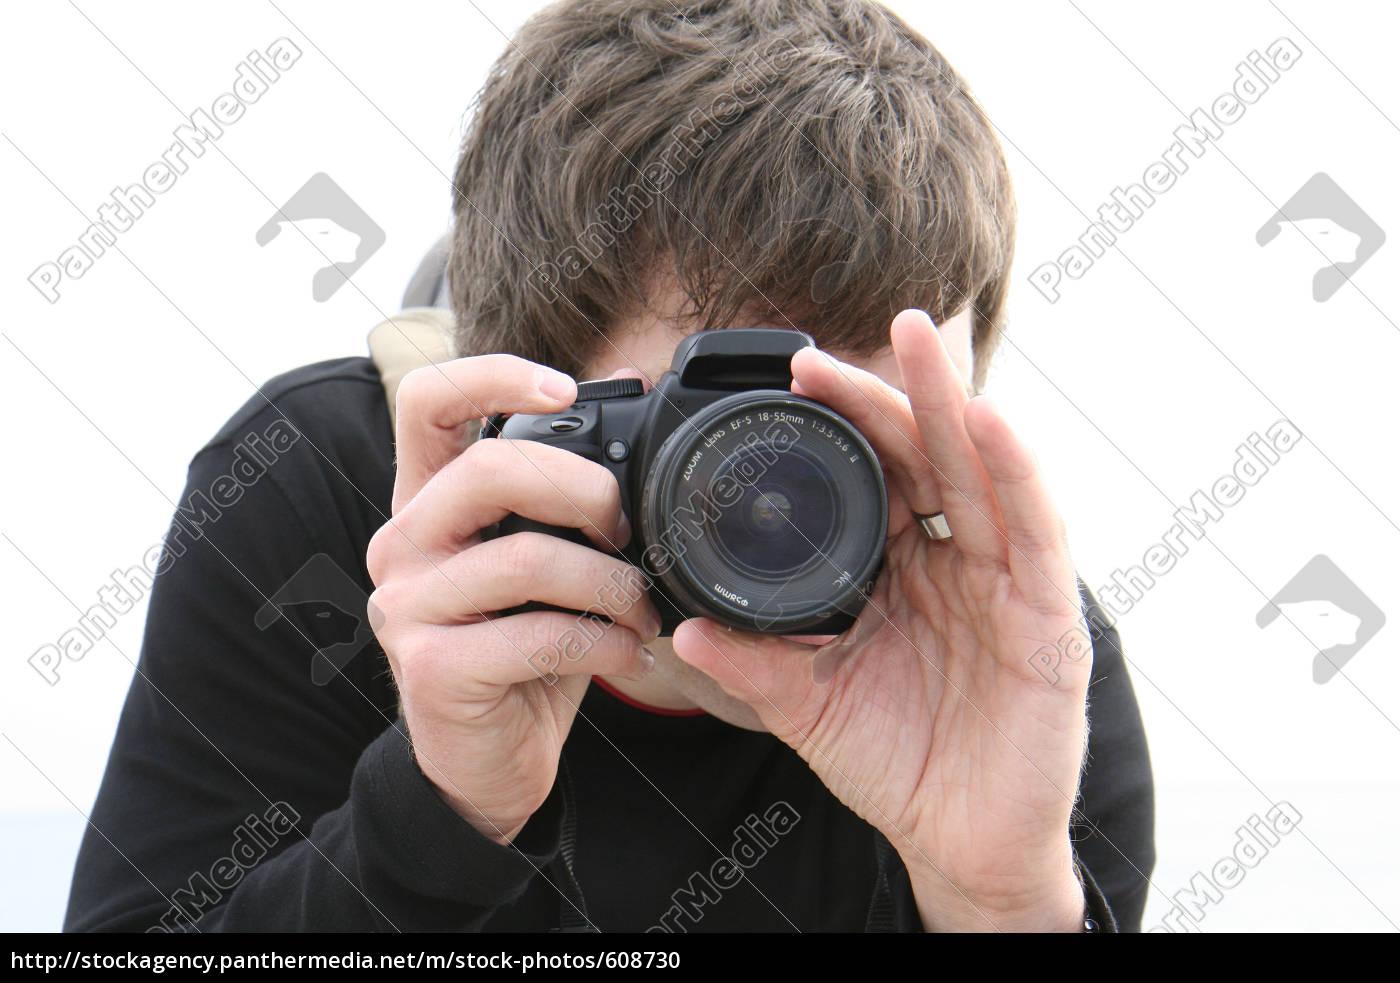 photographer - 608730